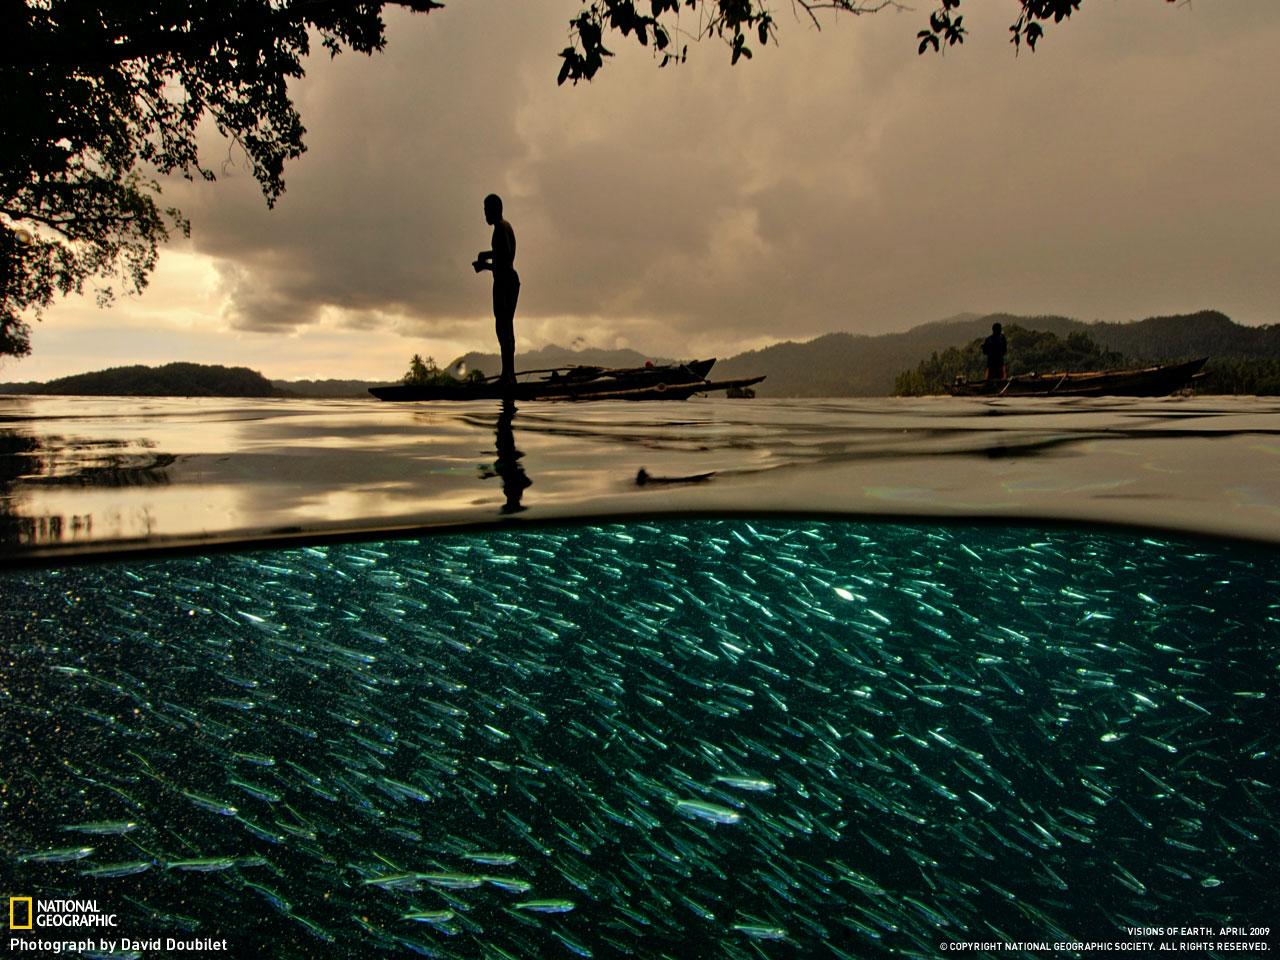 Выборка фото, из коллекции лучших фотографий National Geographic.